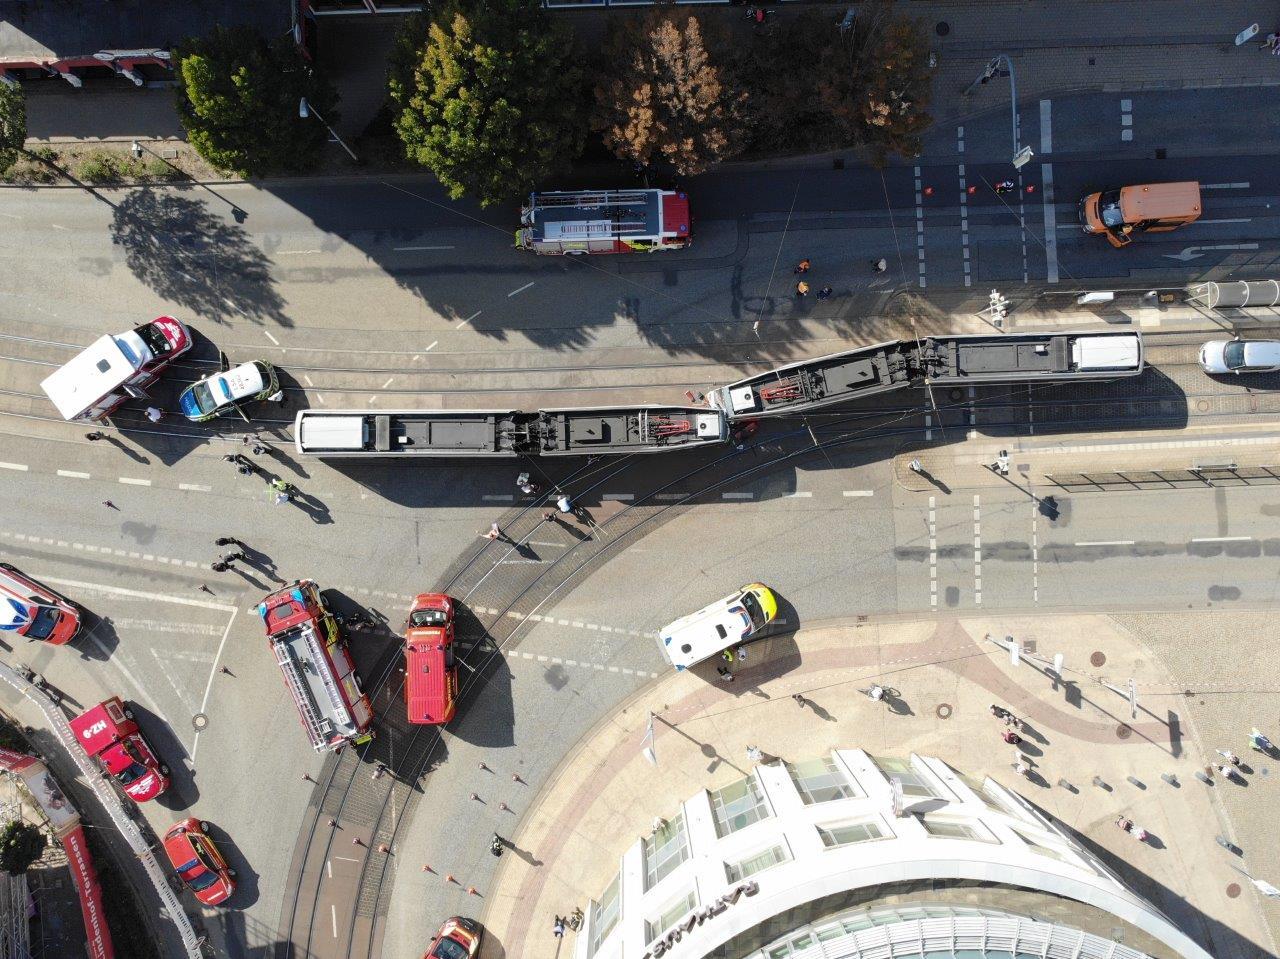 Bergungsarbeiten nach Straßenbahnunfall – Kühlinger Straße / Holzmarkt